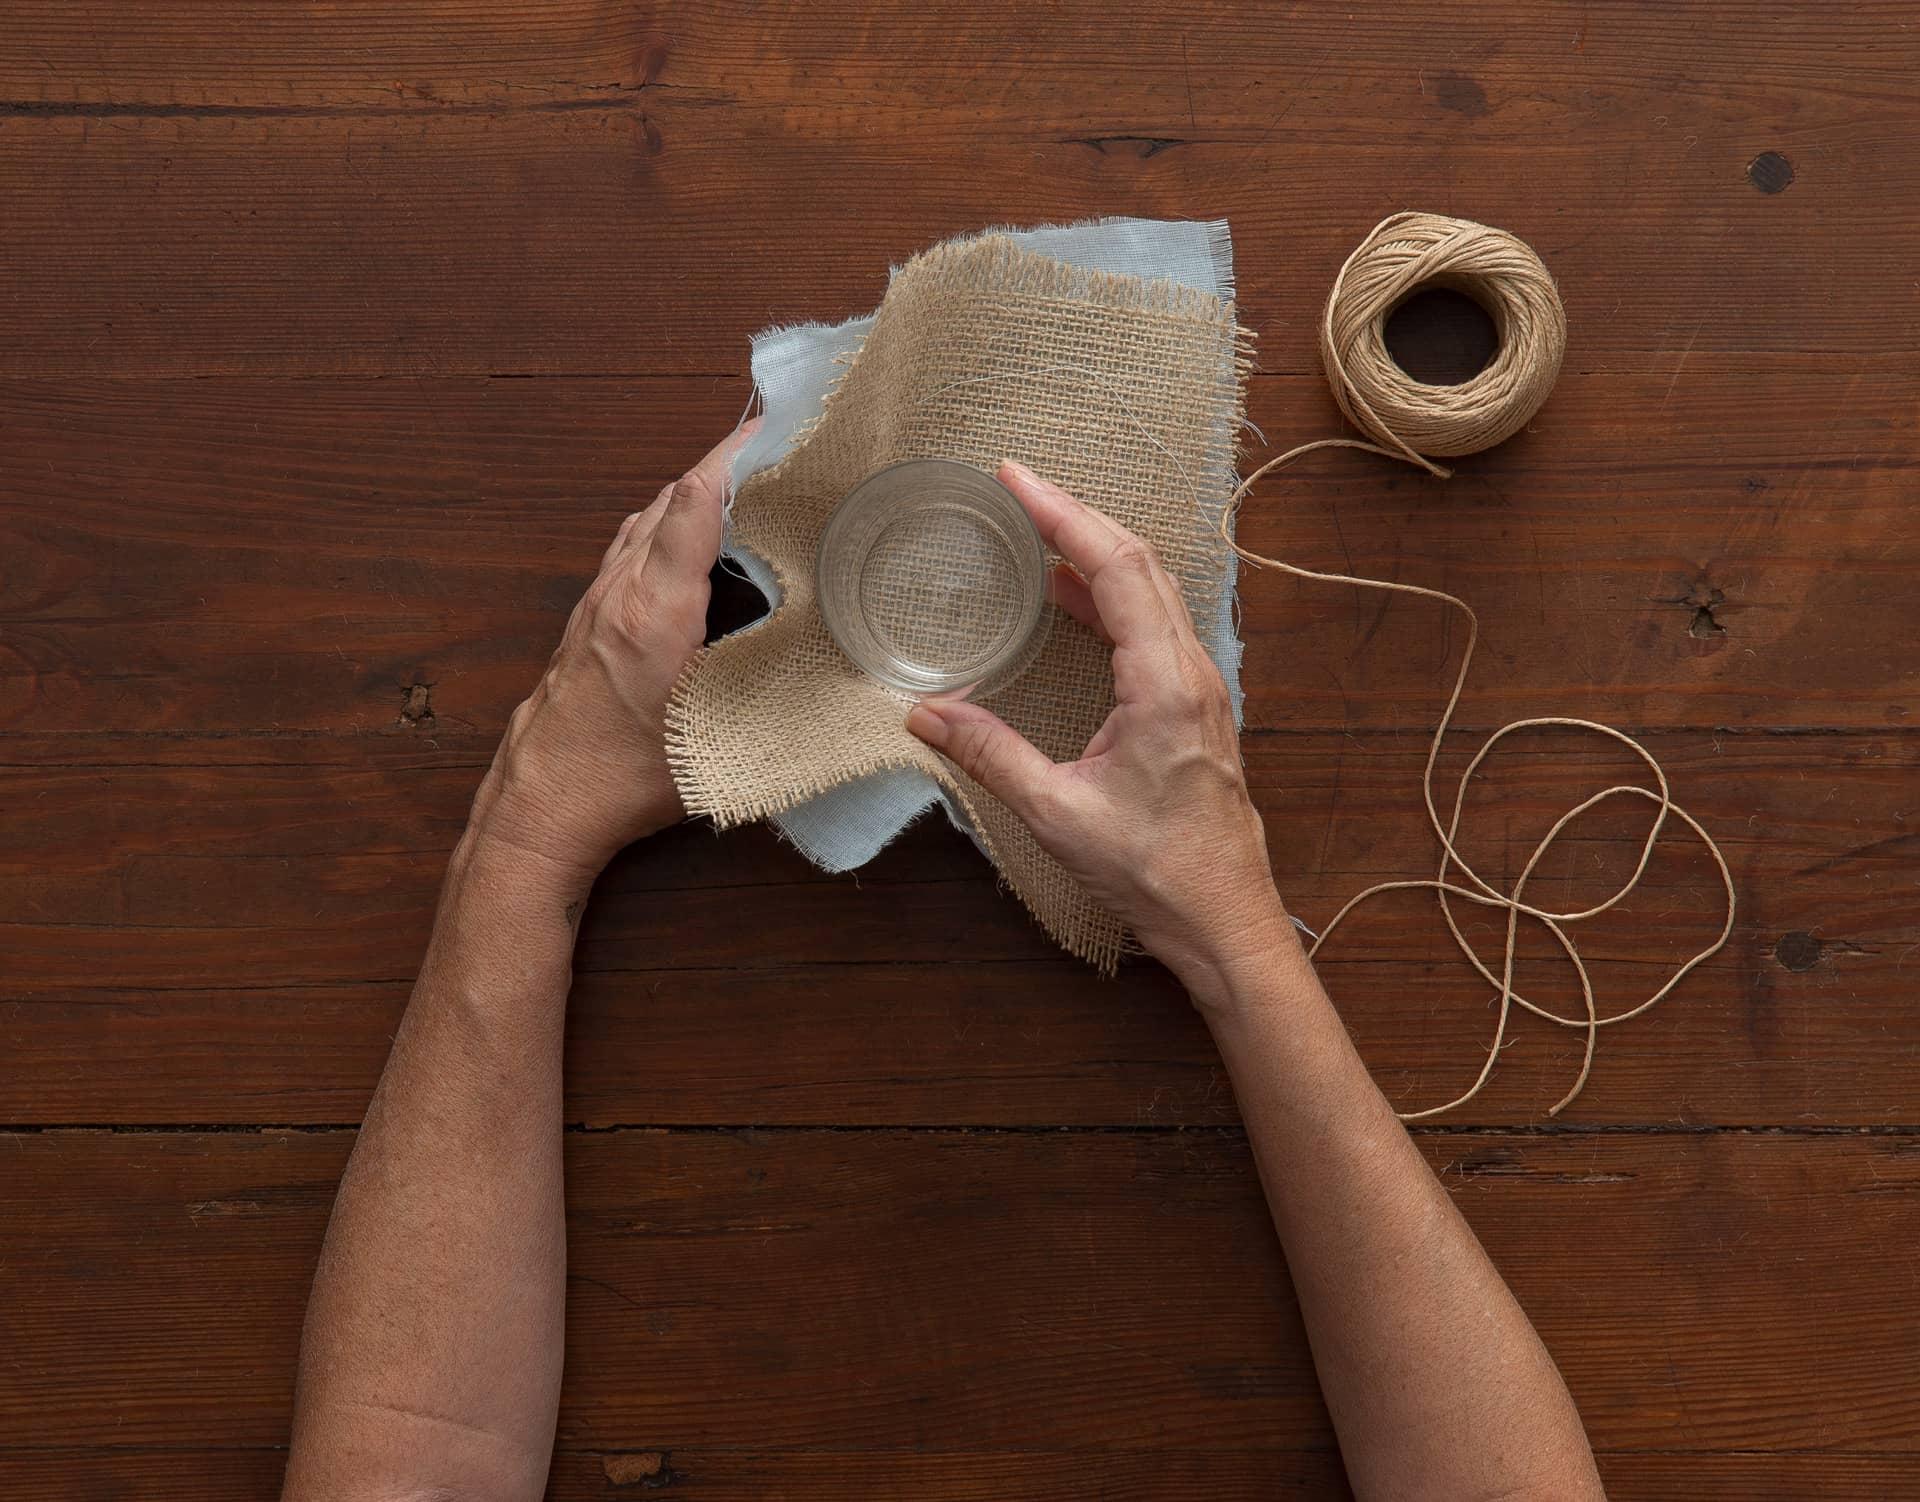 Imagem: Passo 4: envolva o copo com os dois tecidos. O algodão vai por fora e a juta, por dentro. Foto: Cacá Bratke.